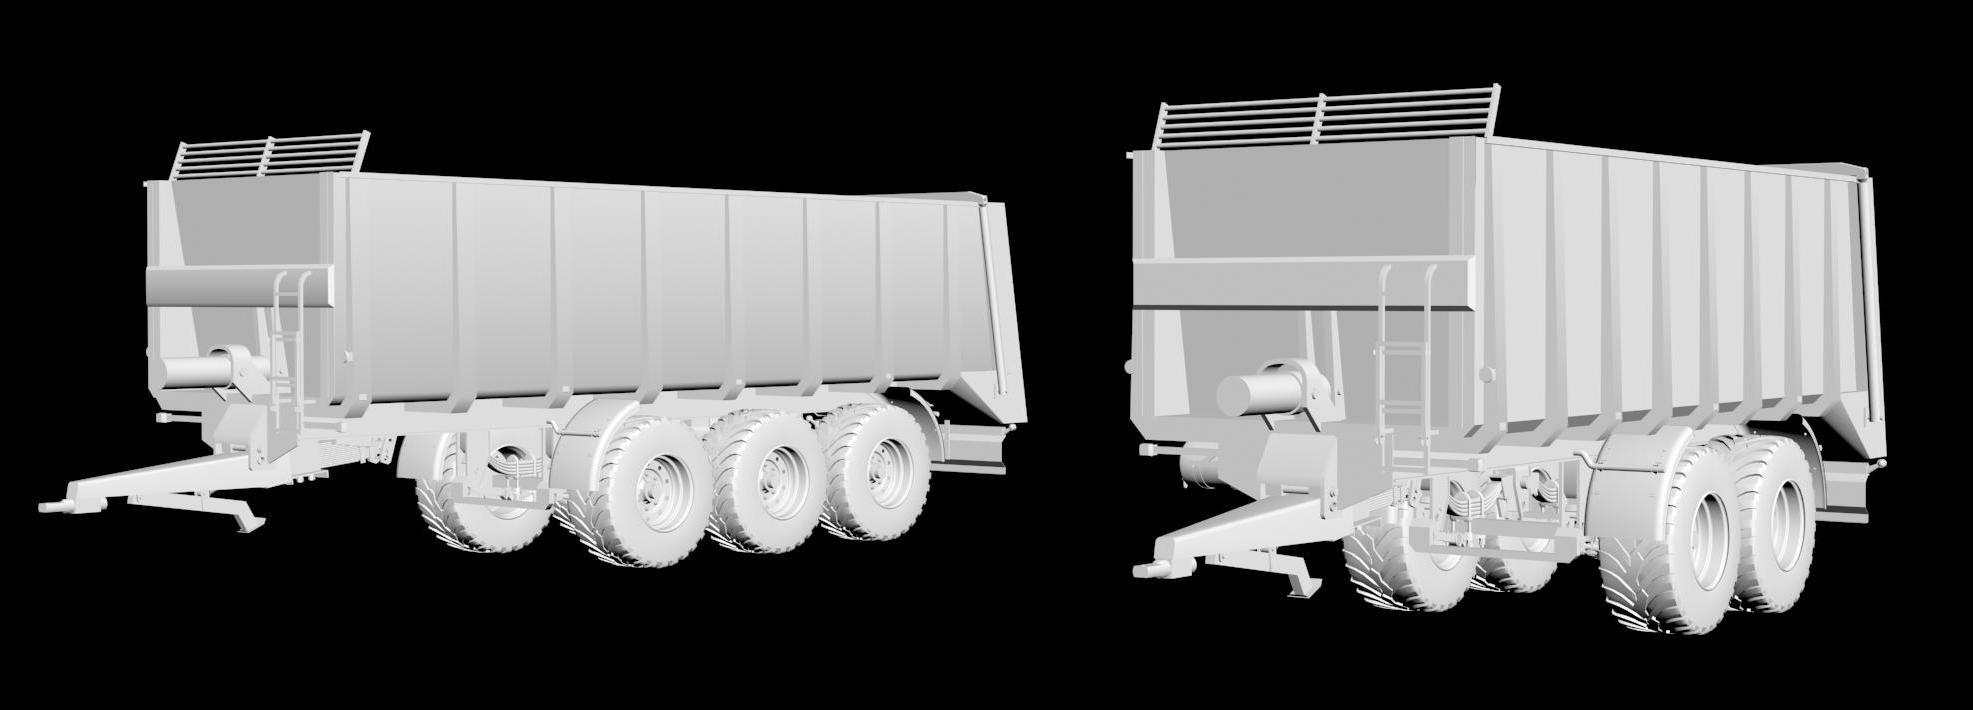 [Encuesta][T.E.P.] Proyecto Aguas Tenias (22 modelos + 1 Camión) [Terminado 21-4-2014]. - Página 4 3704ig2